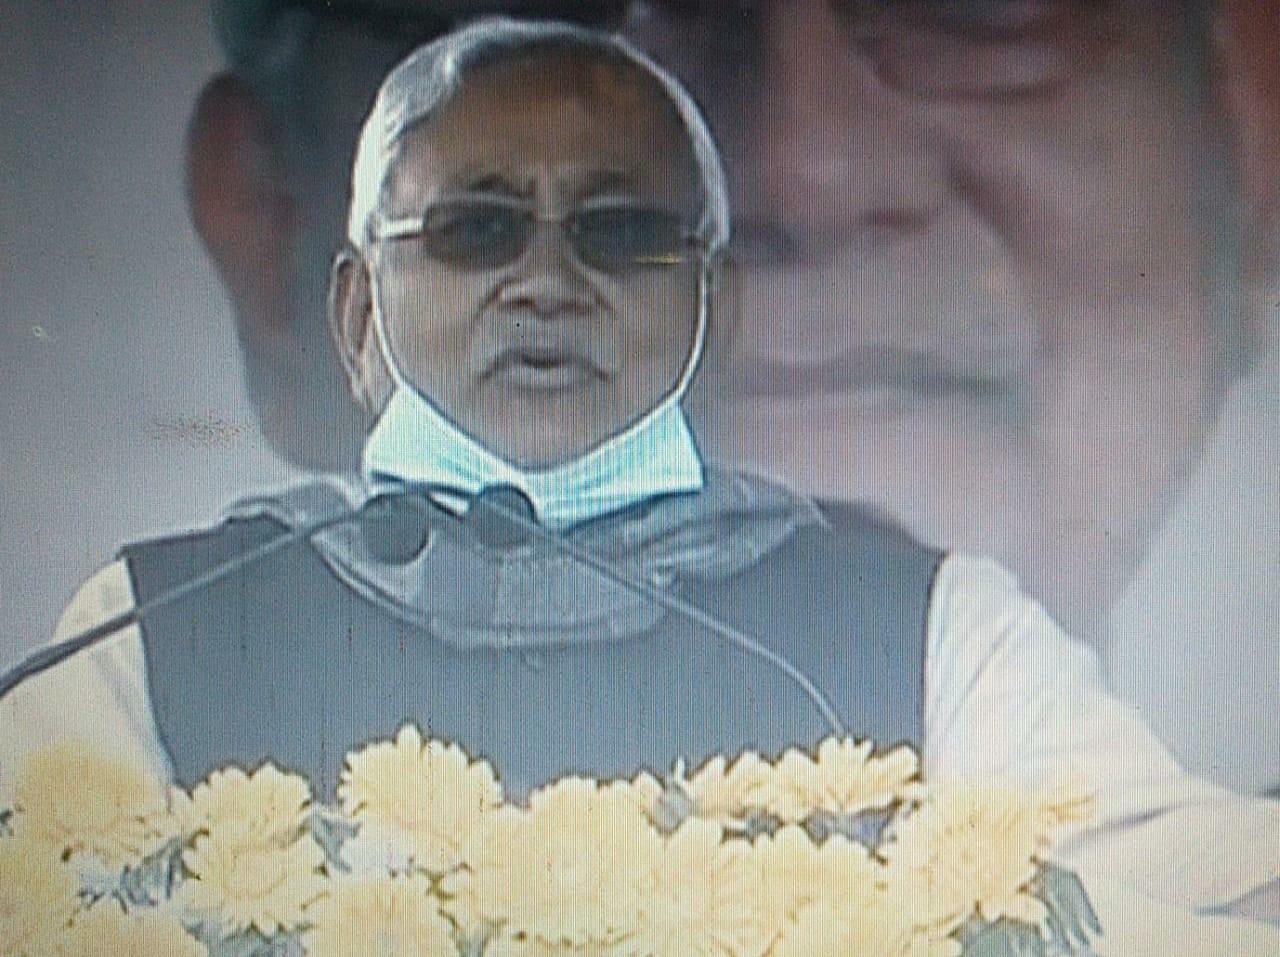 """आज मुख्यमंत्री नीतीश कुमार  ने जमुई में बिहार का पहला पक्षी महोत्सव """"'कलरव"""" का किया उद्घाटन"""